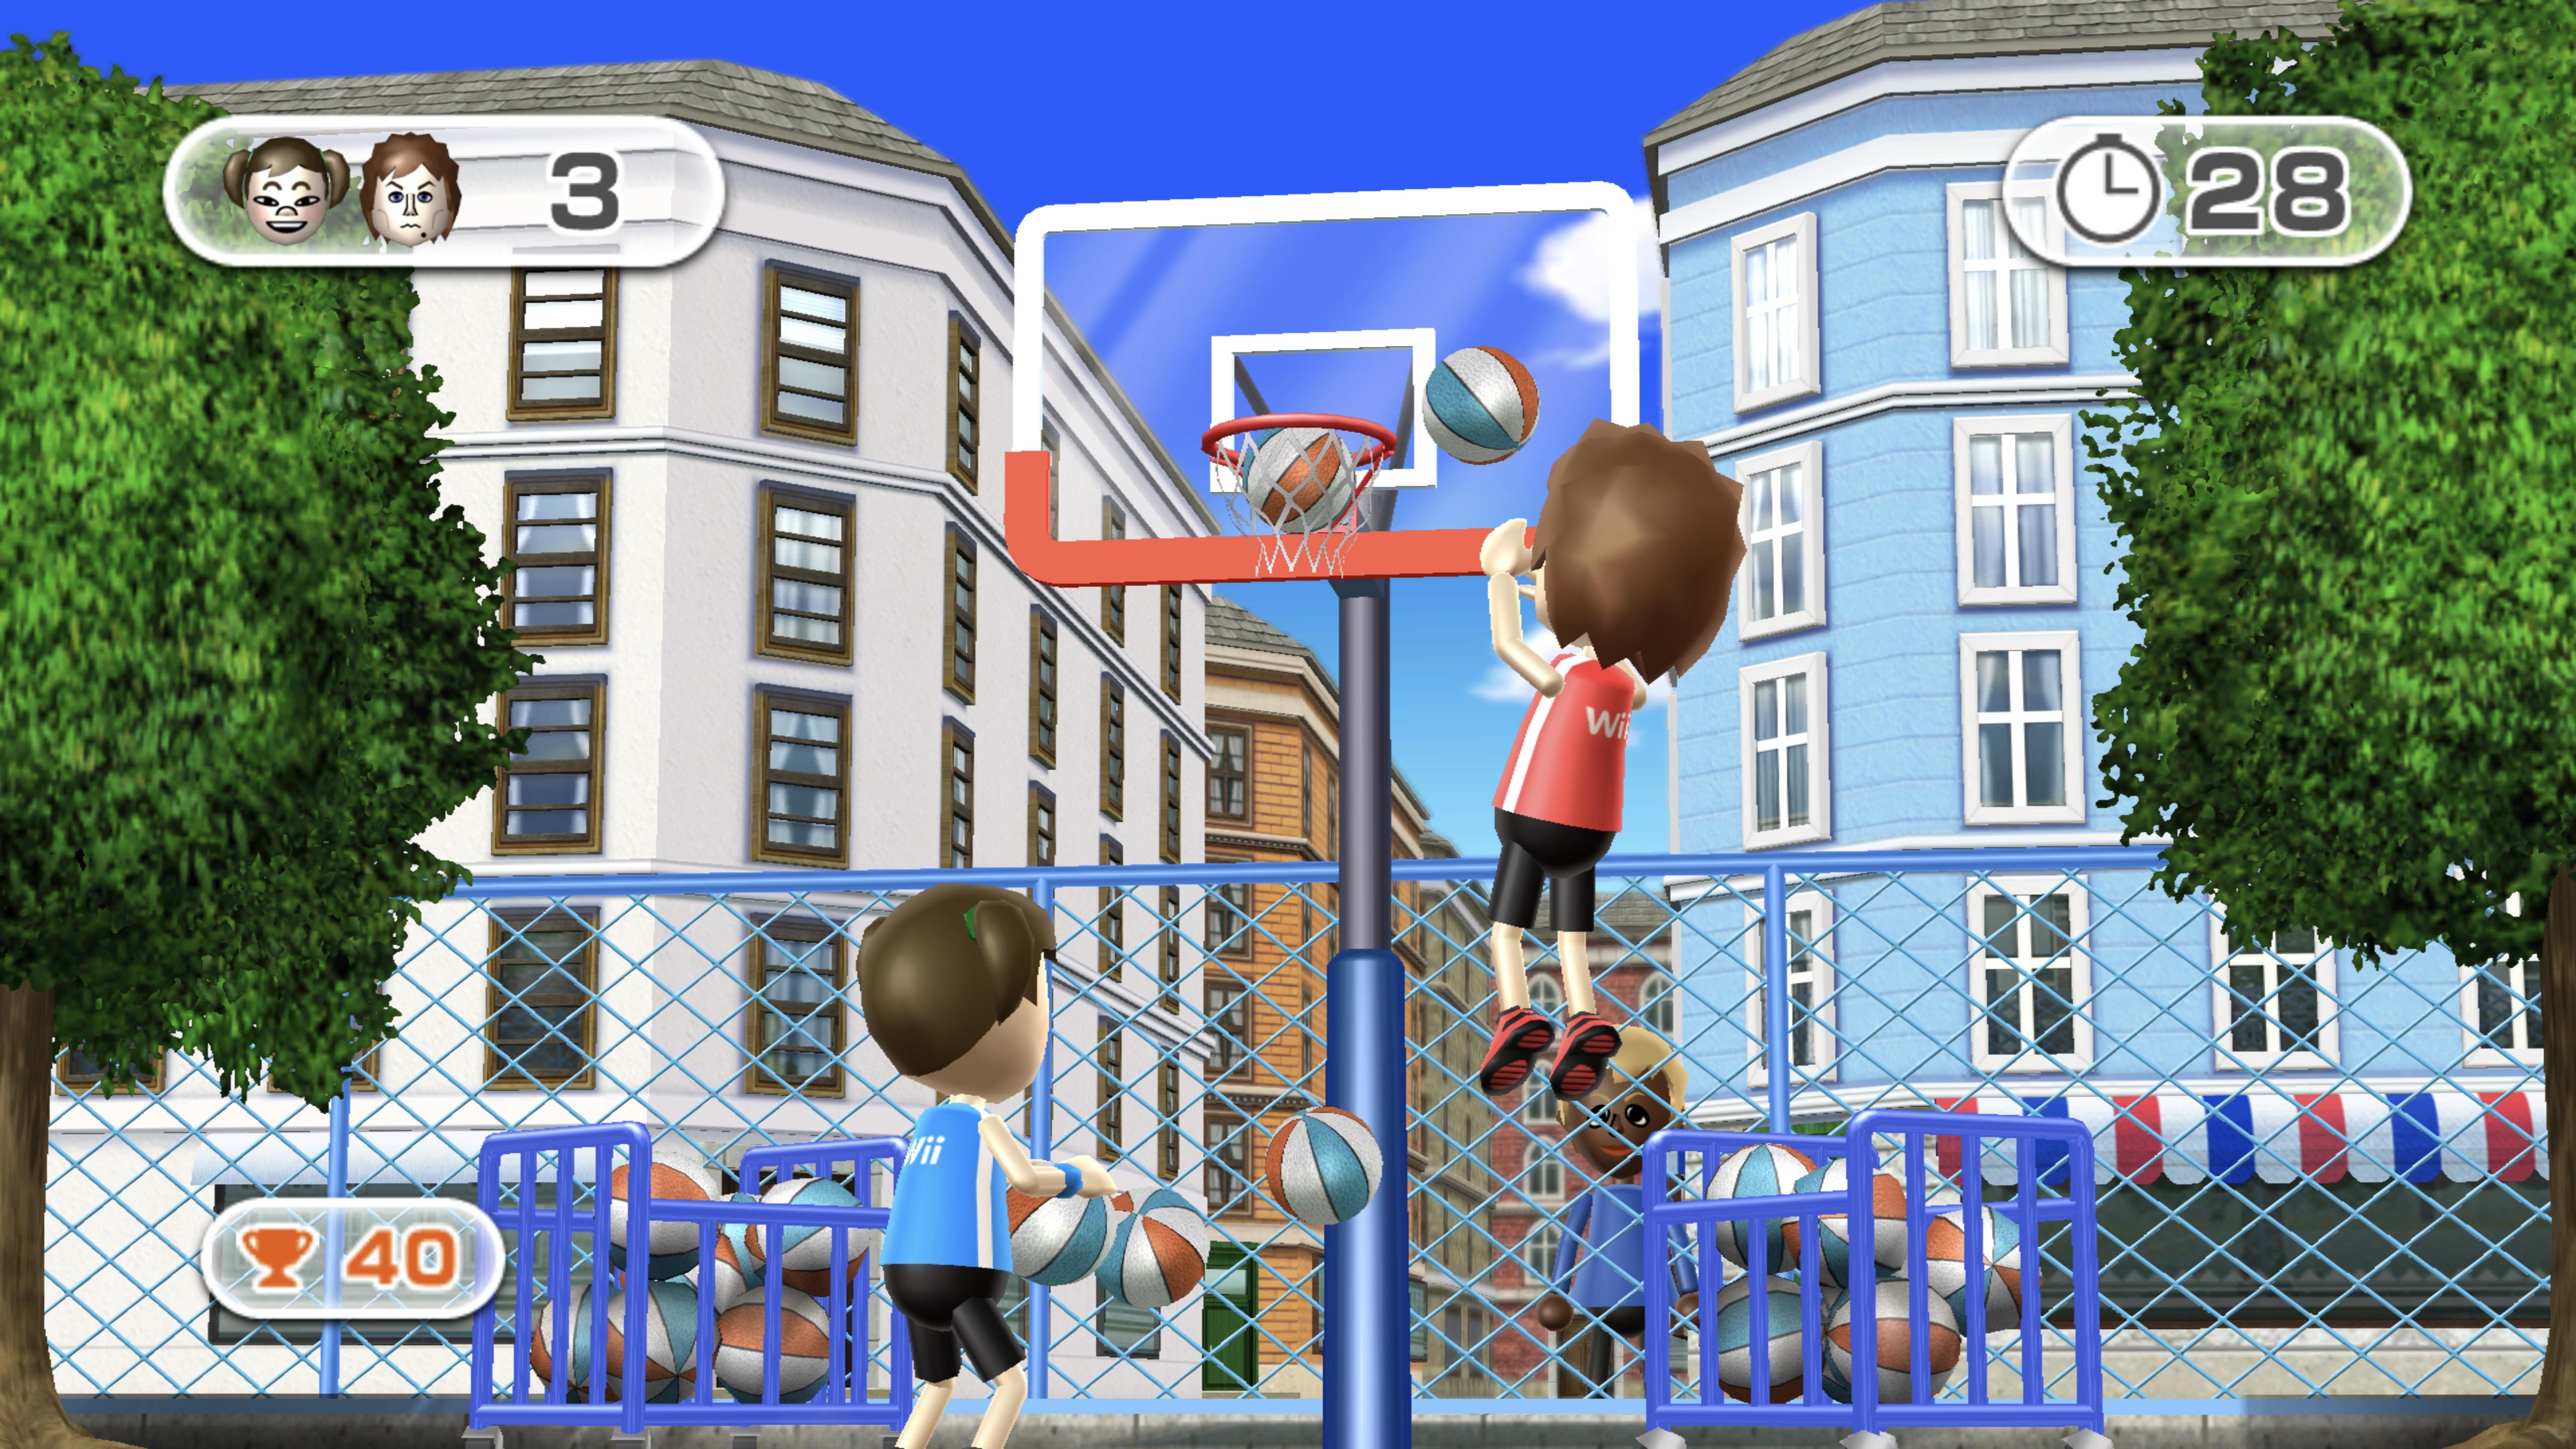 Basket Bonanza